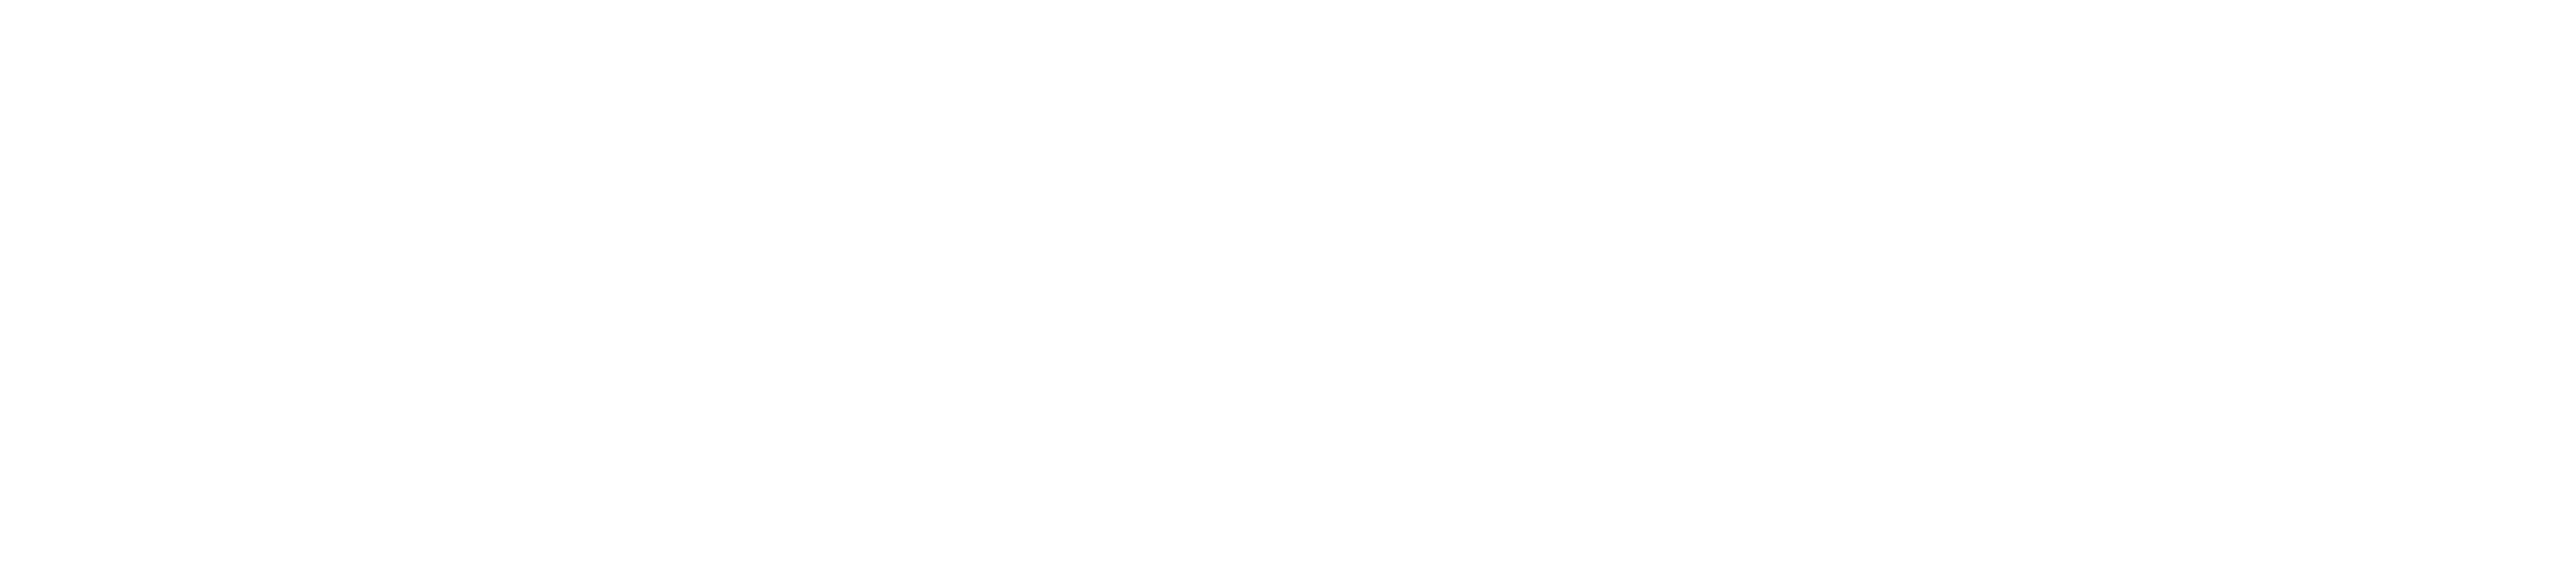 Charter School East Dulwich logo